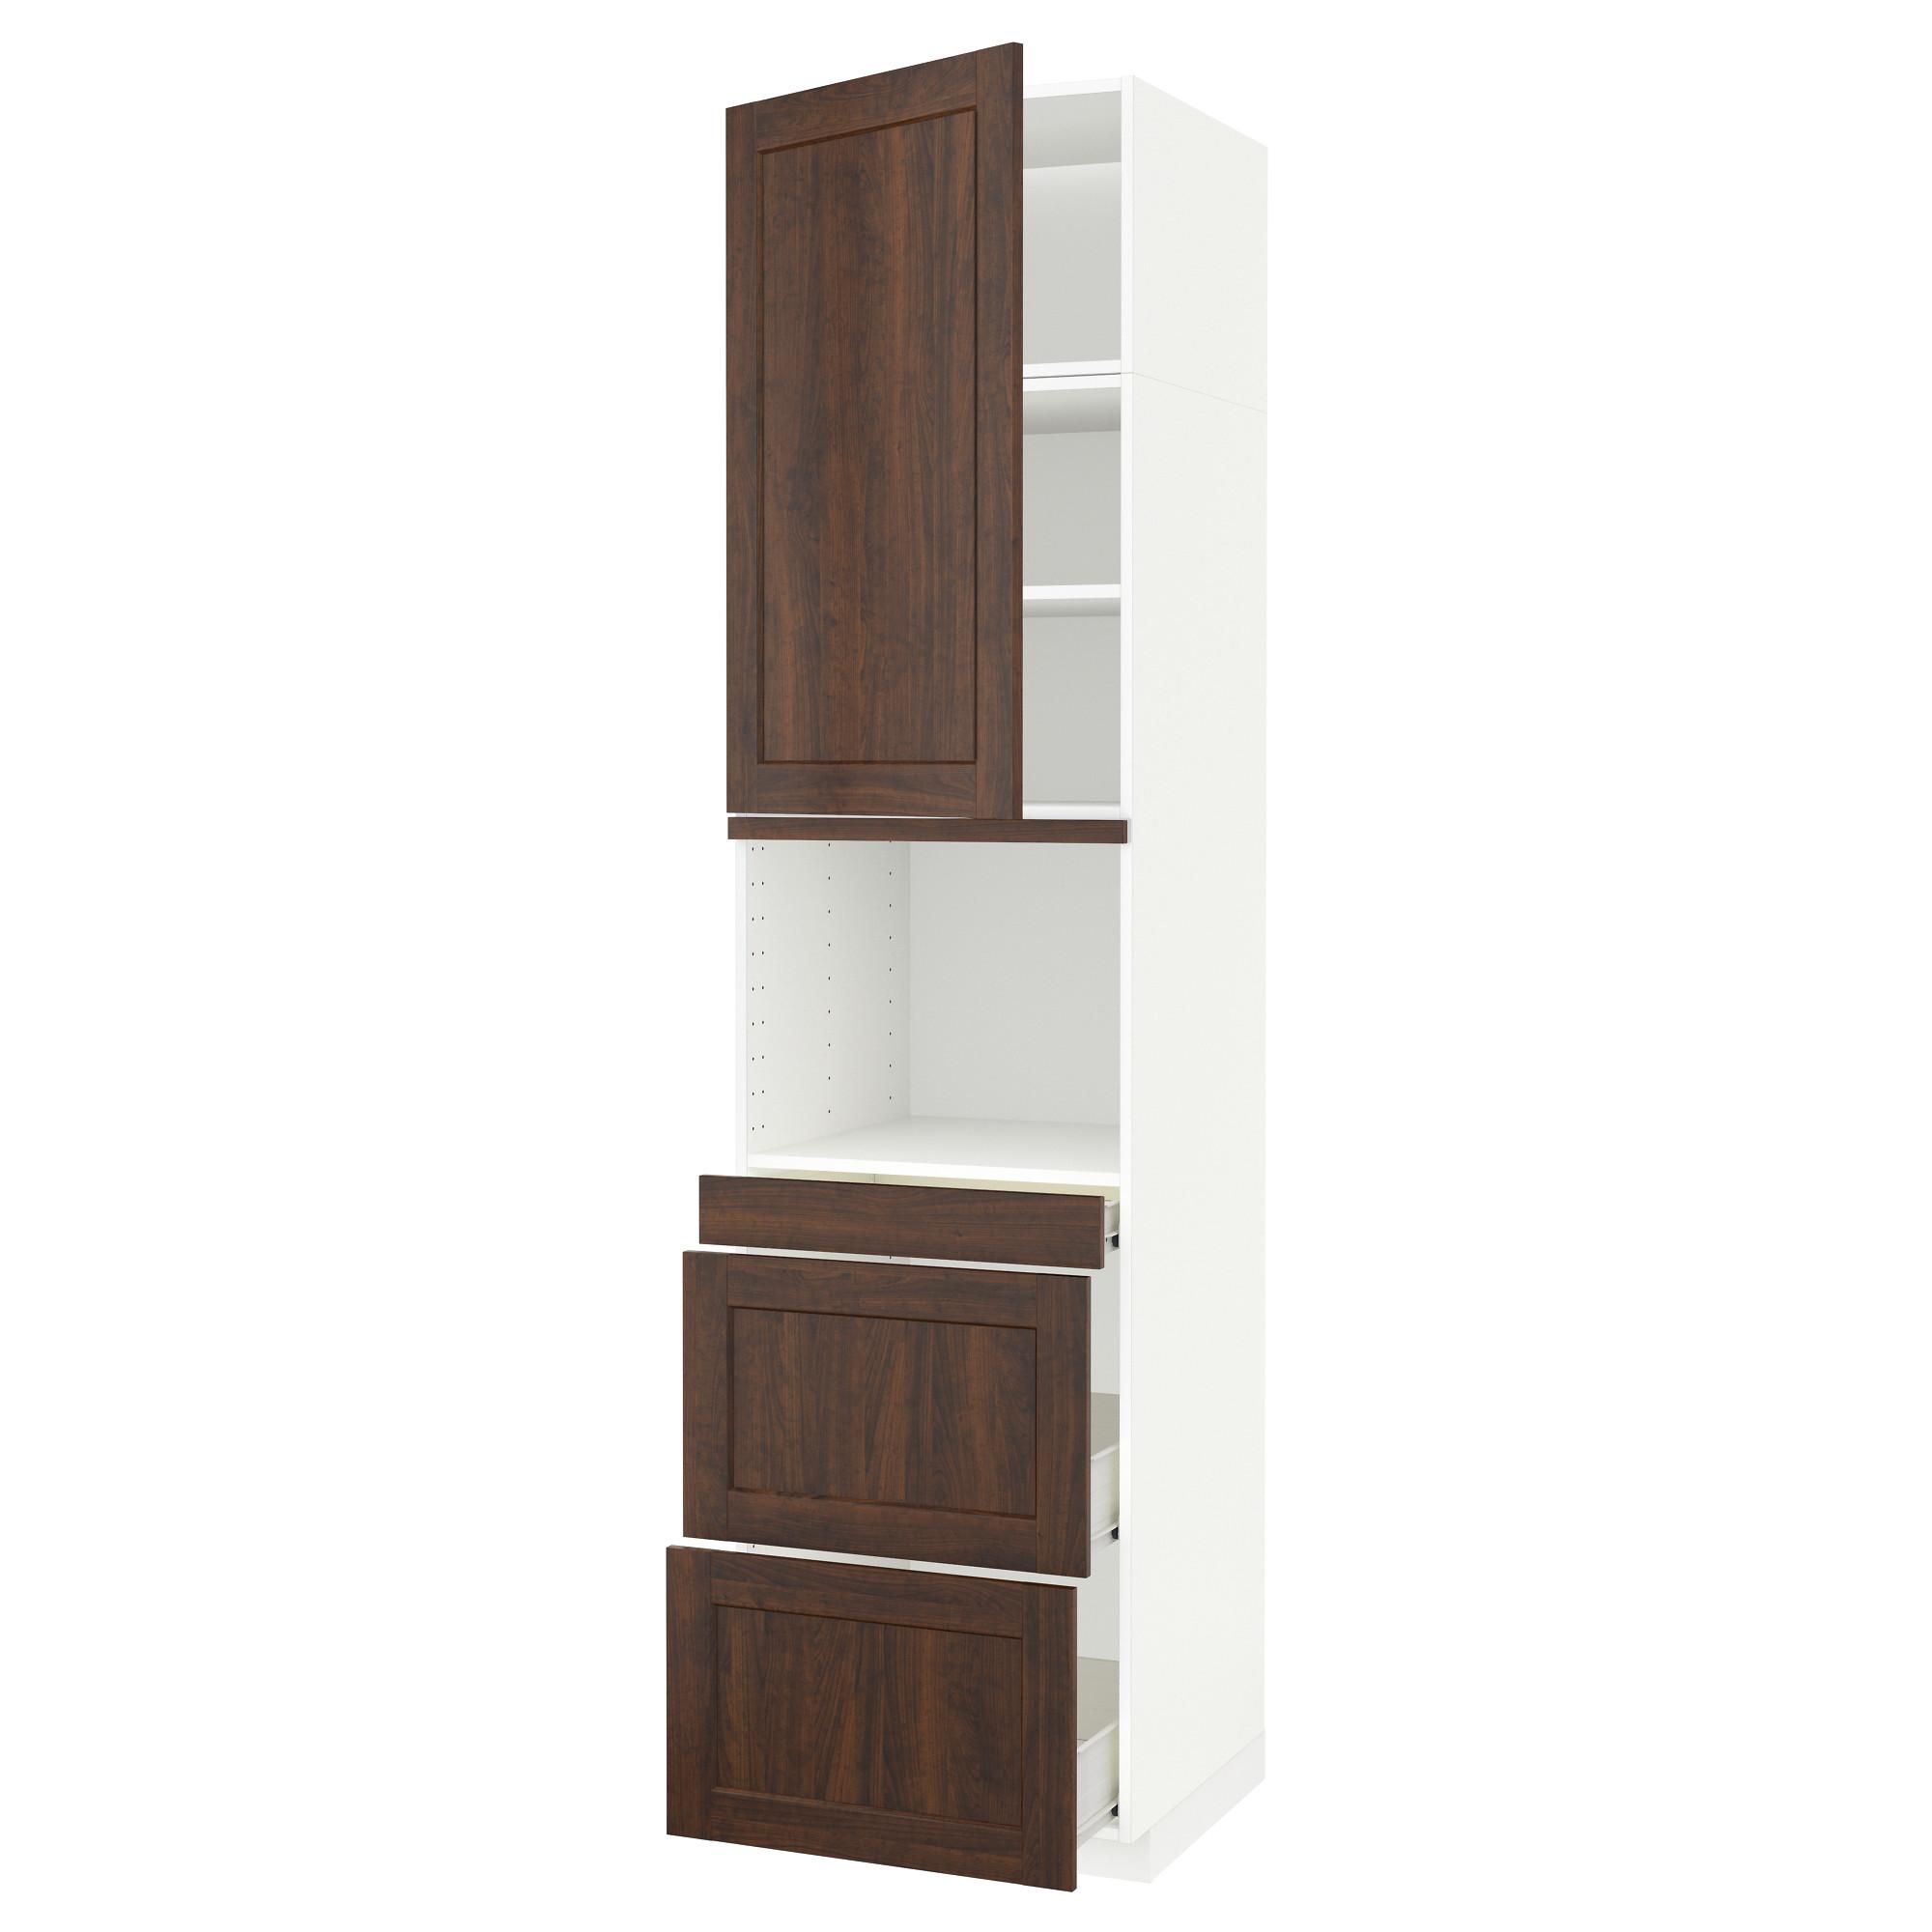 Высокий шкаф для СВЧ/дверца, 3 ящика МЕТОД / ФОРВАРА белый артикуль № 292.618.55 в наличии. Онлайн магазин ИКЕА Беларусь. Недорогая доставка и установка.